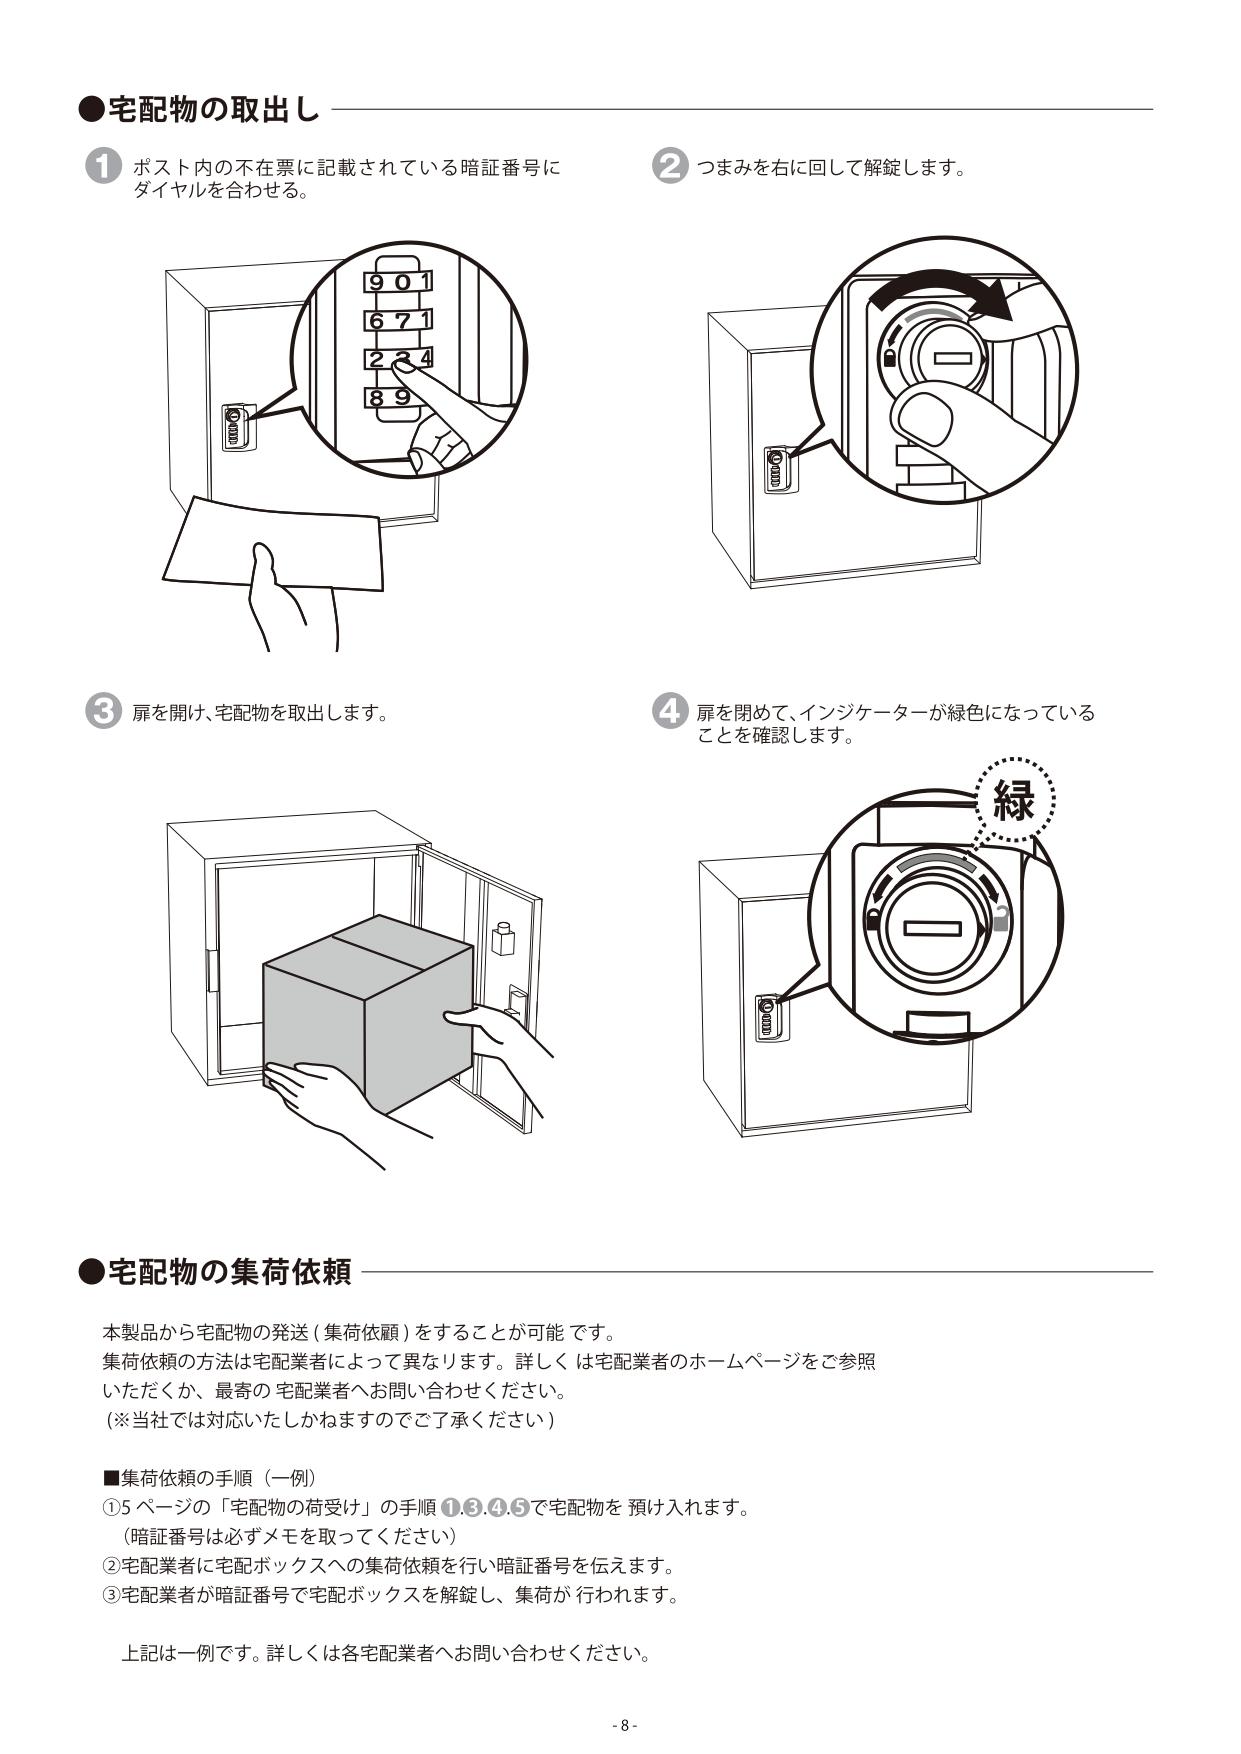 リピットDB_取扱説明書_page-0008